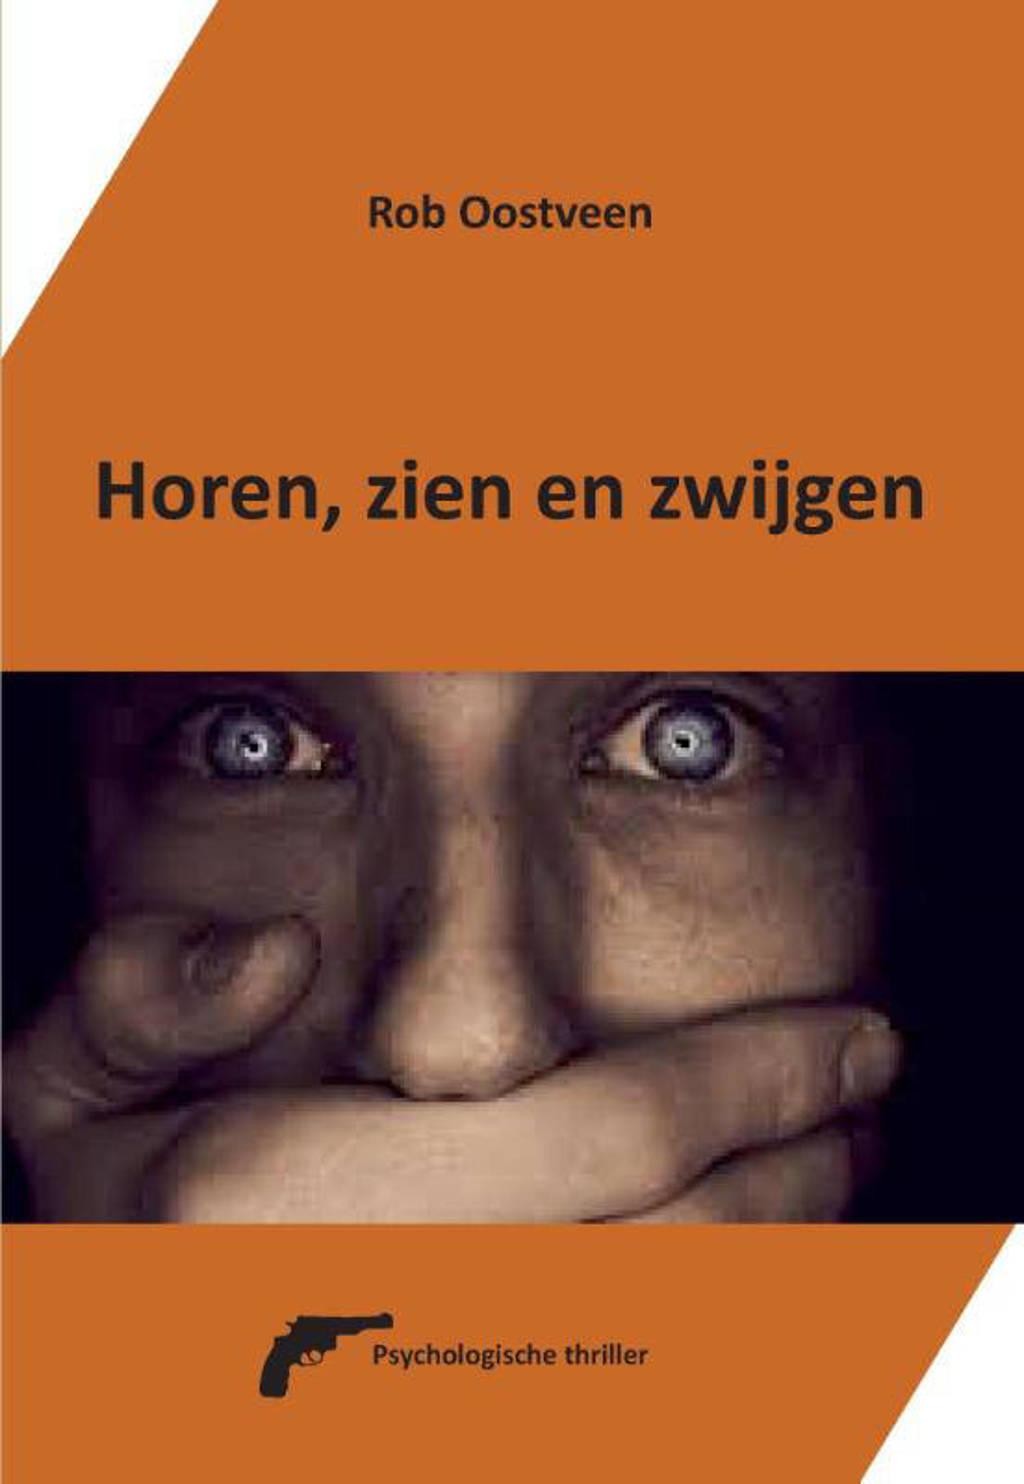 Horen, zien en zwijgen - Rob Oostveen